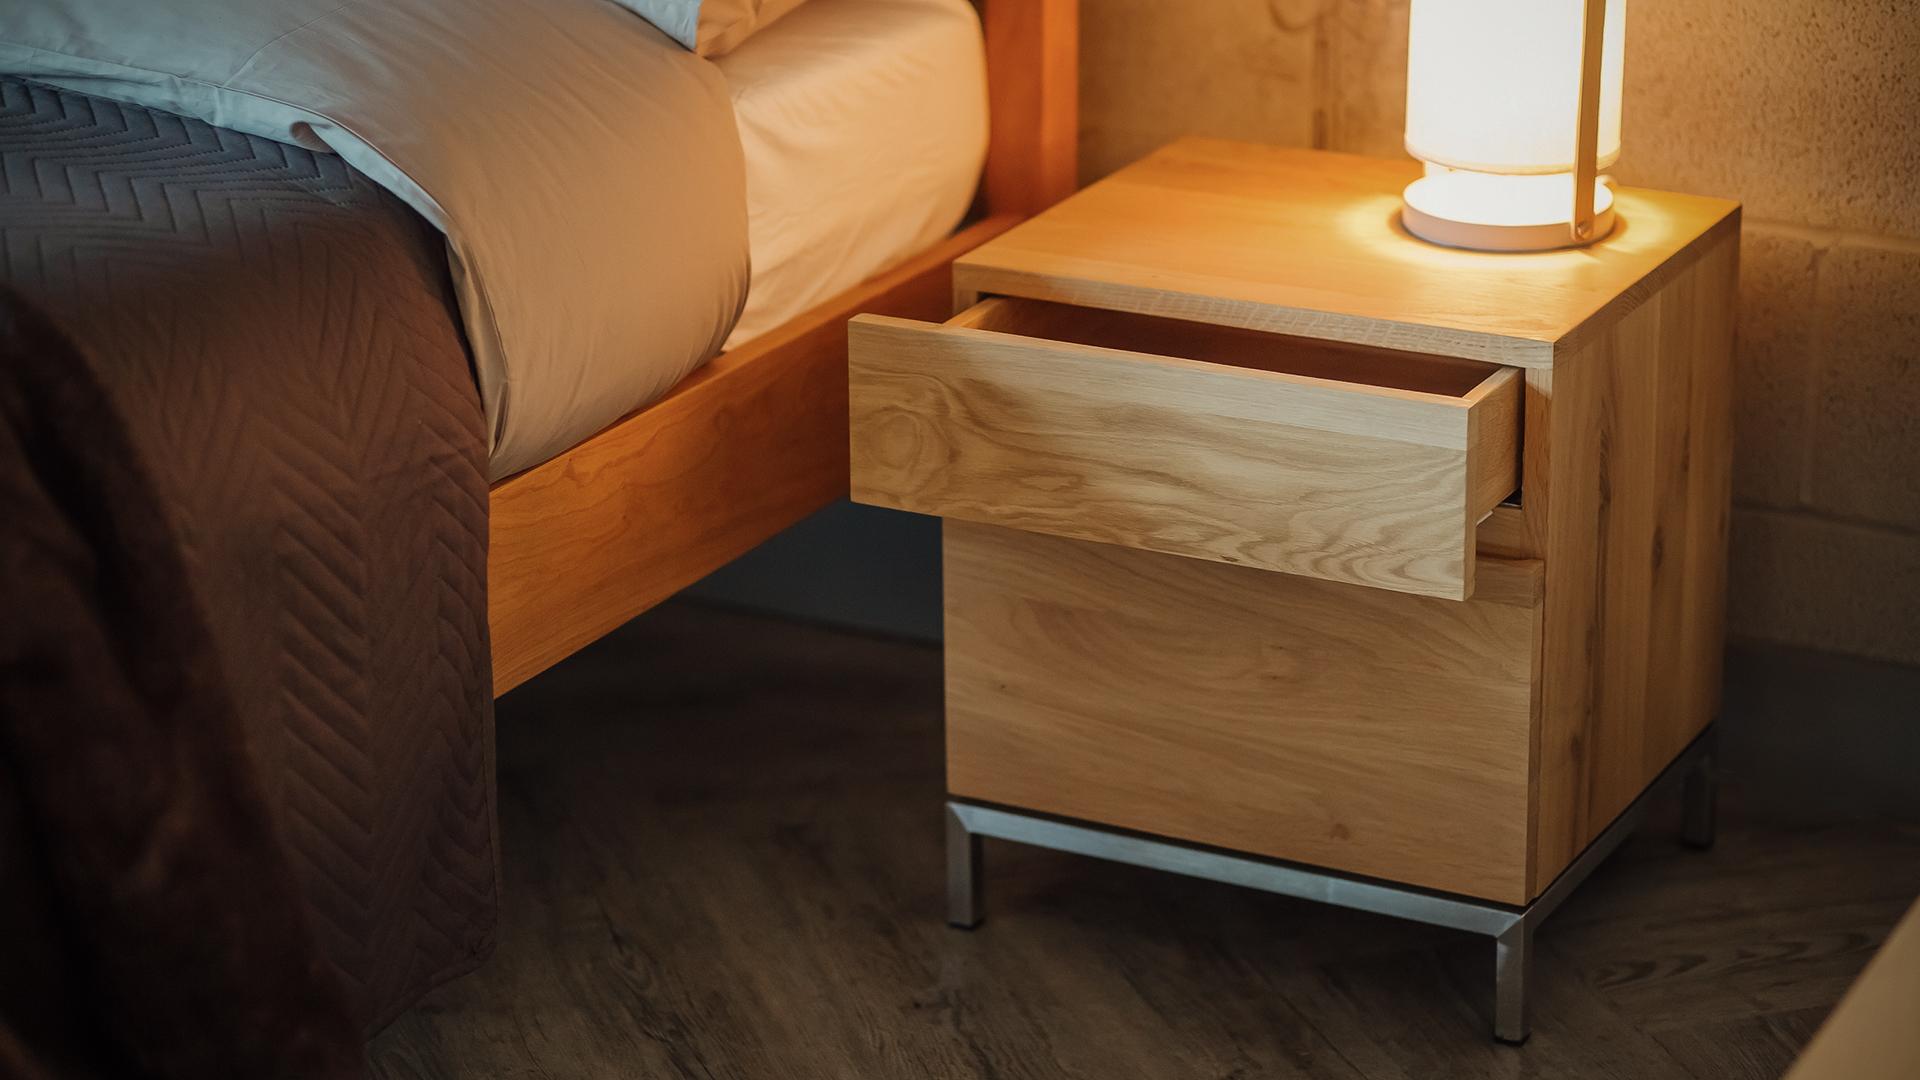 ligna oak bedside cupboard